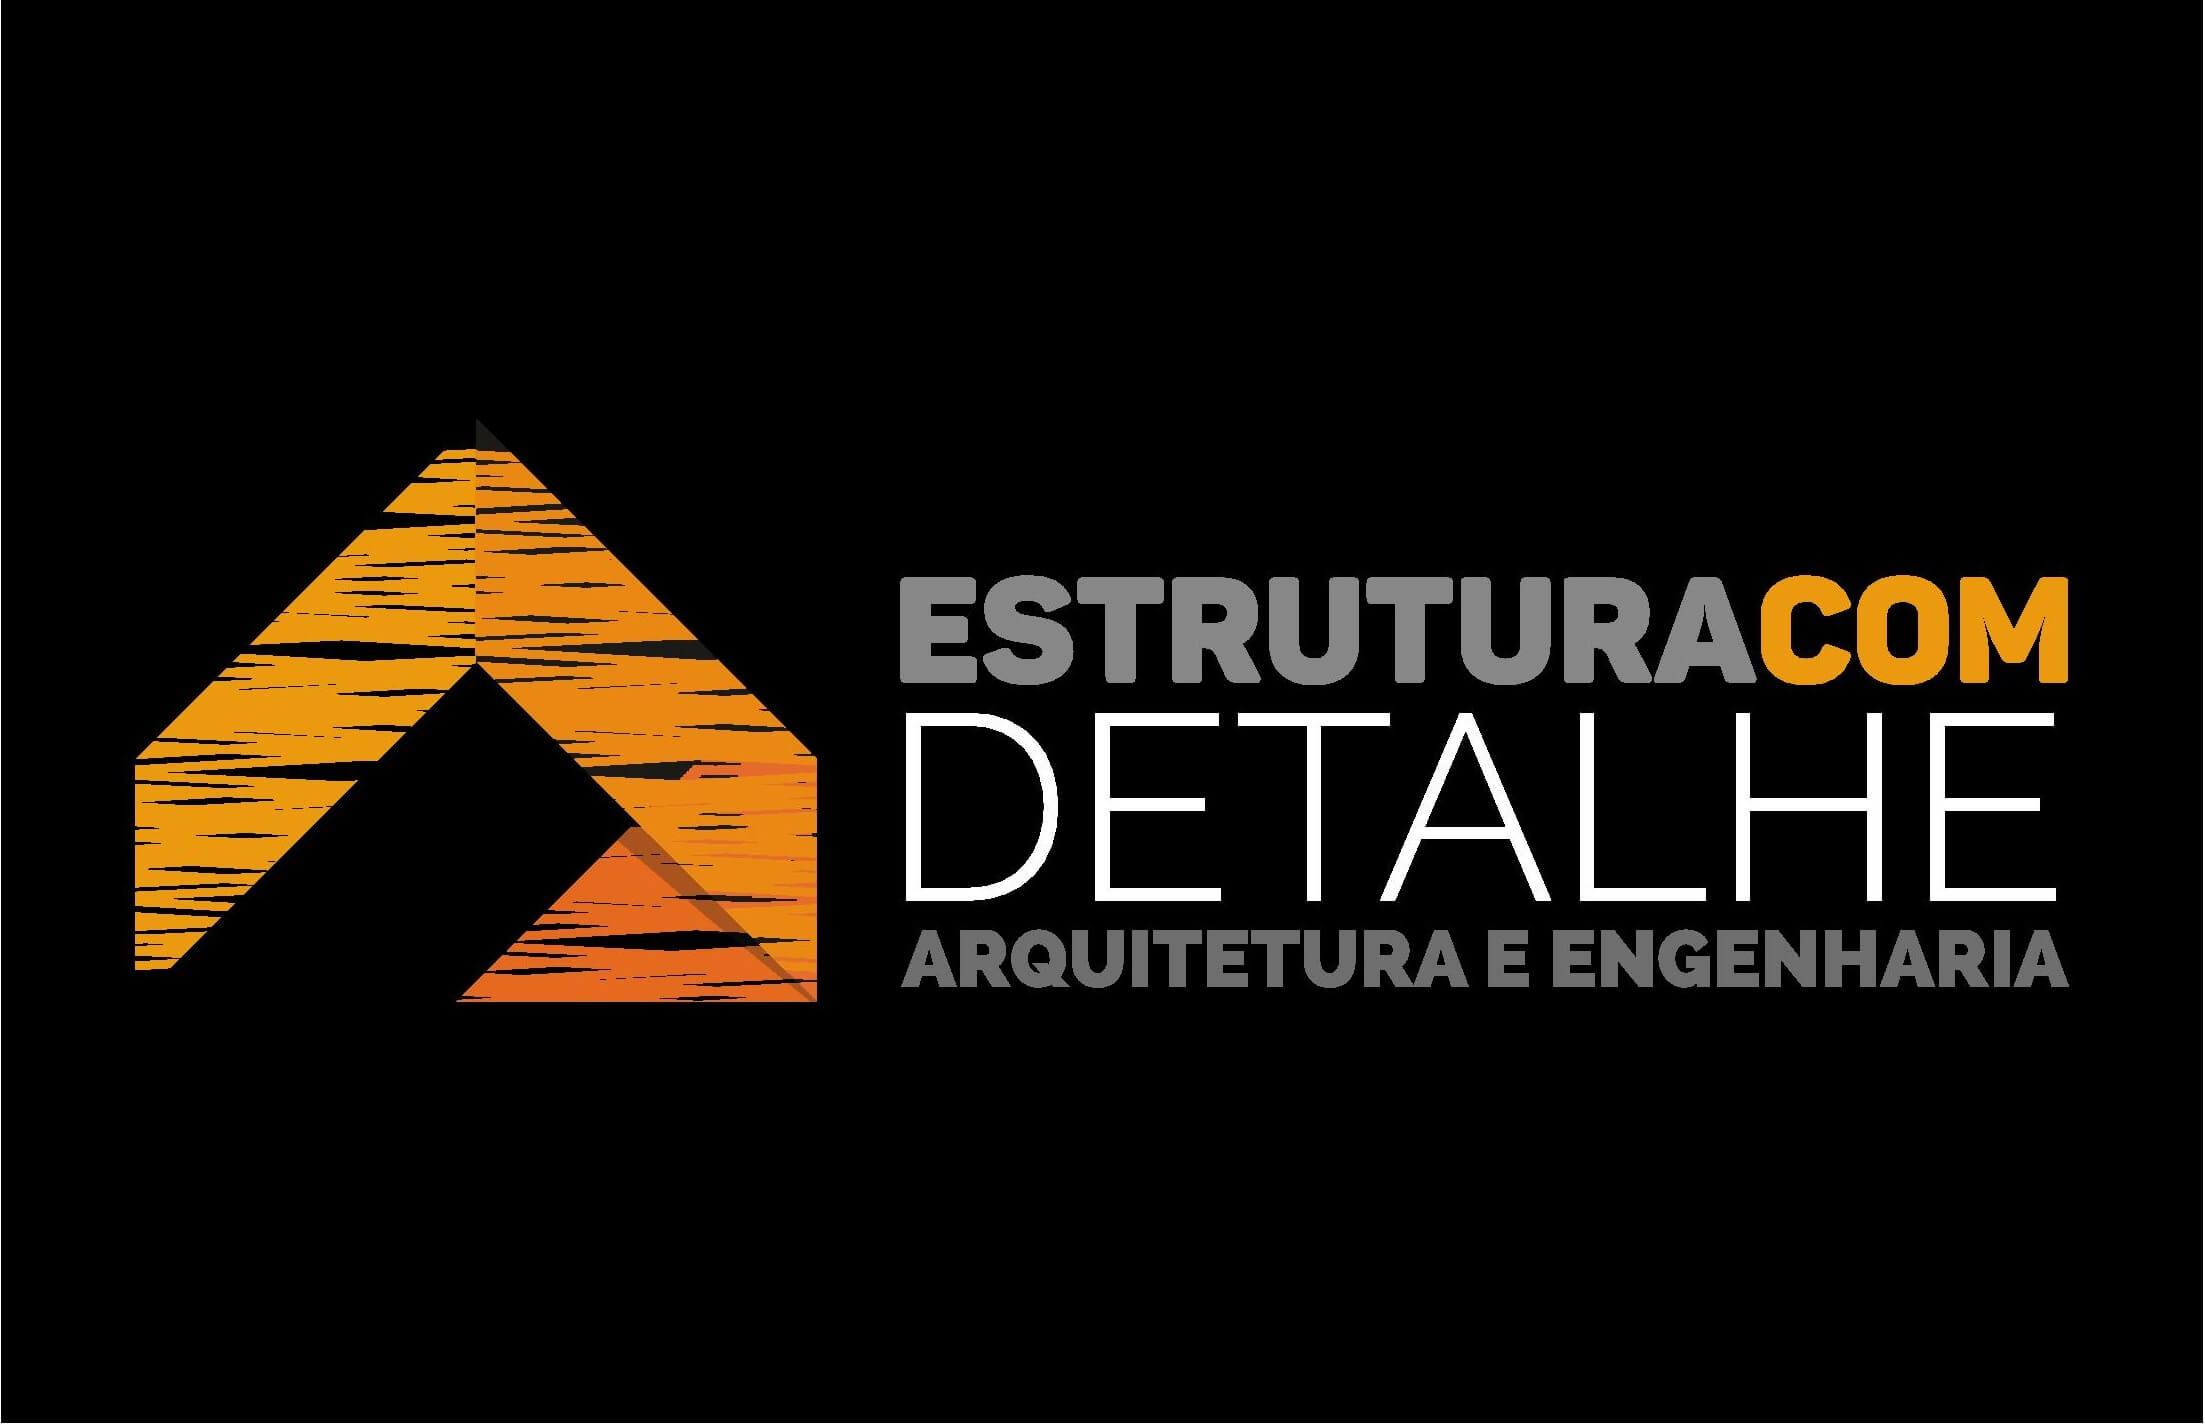 Estrutura com Detalhe – Arquitetura e Engenharia